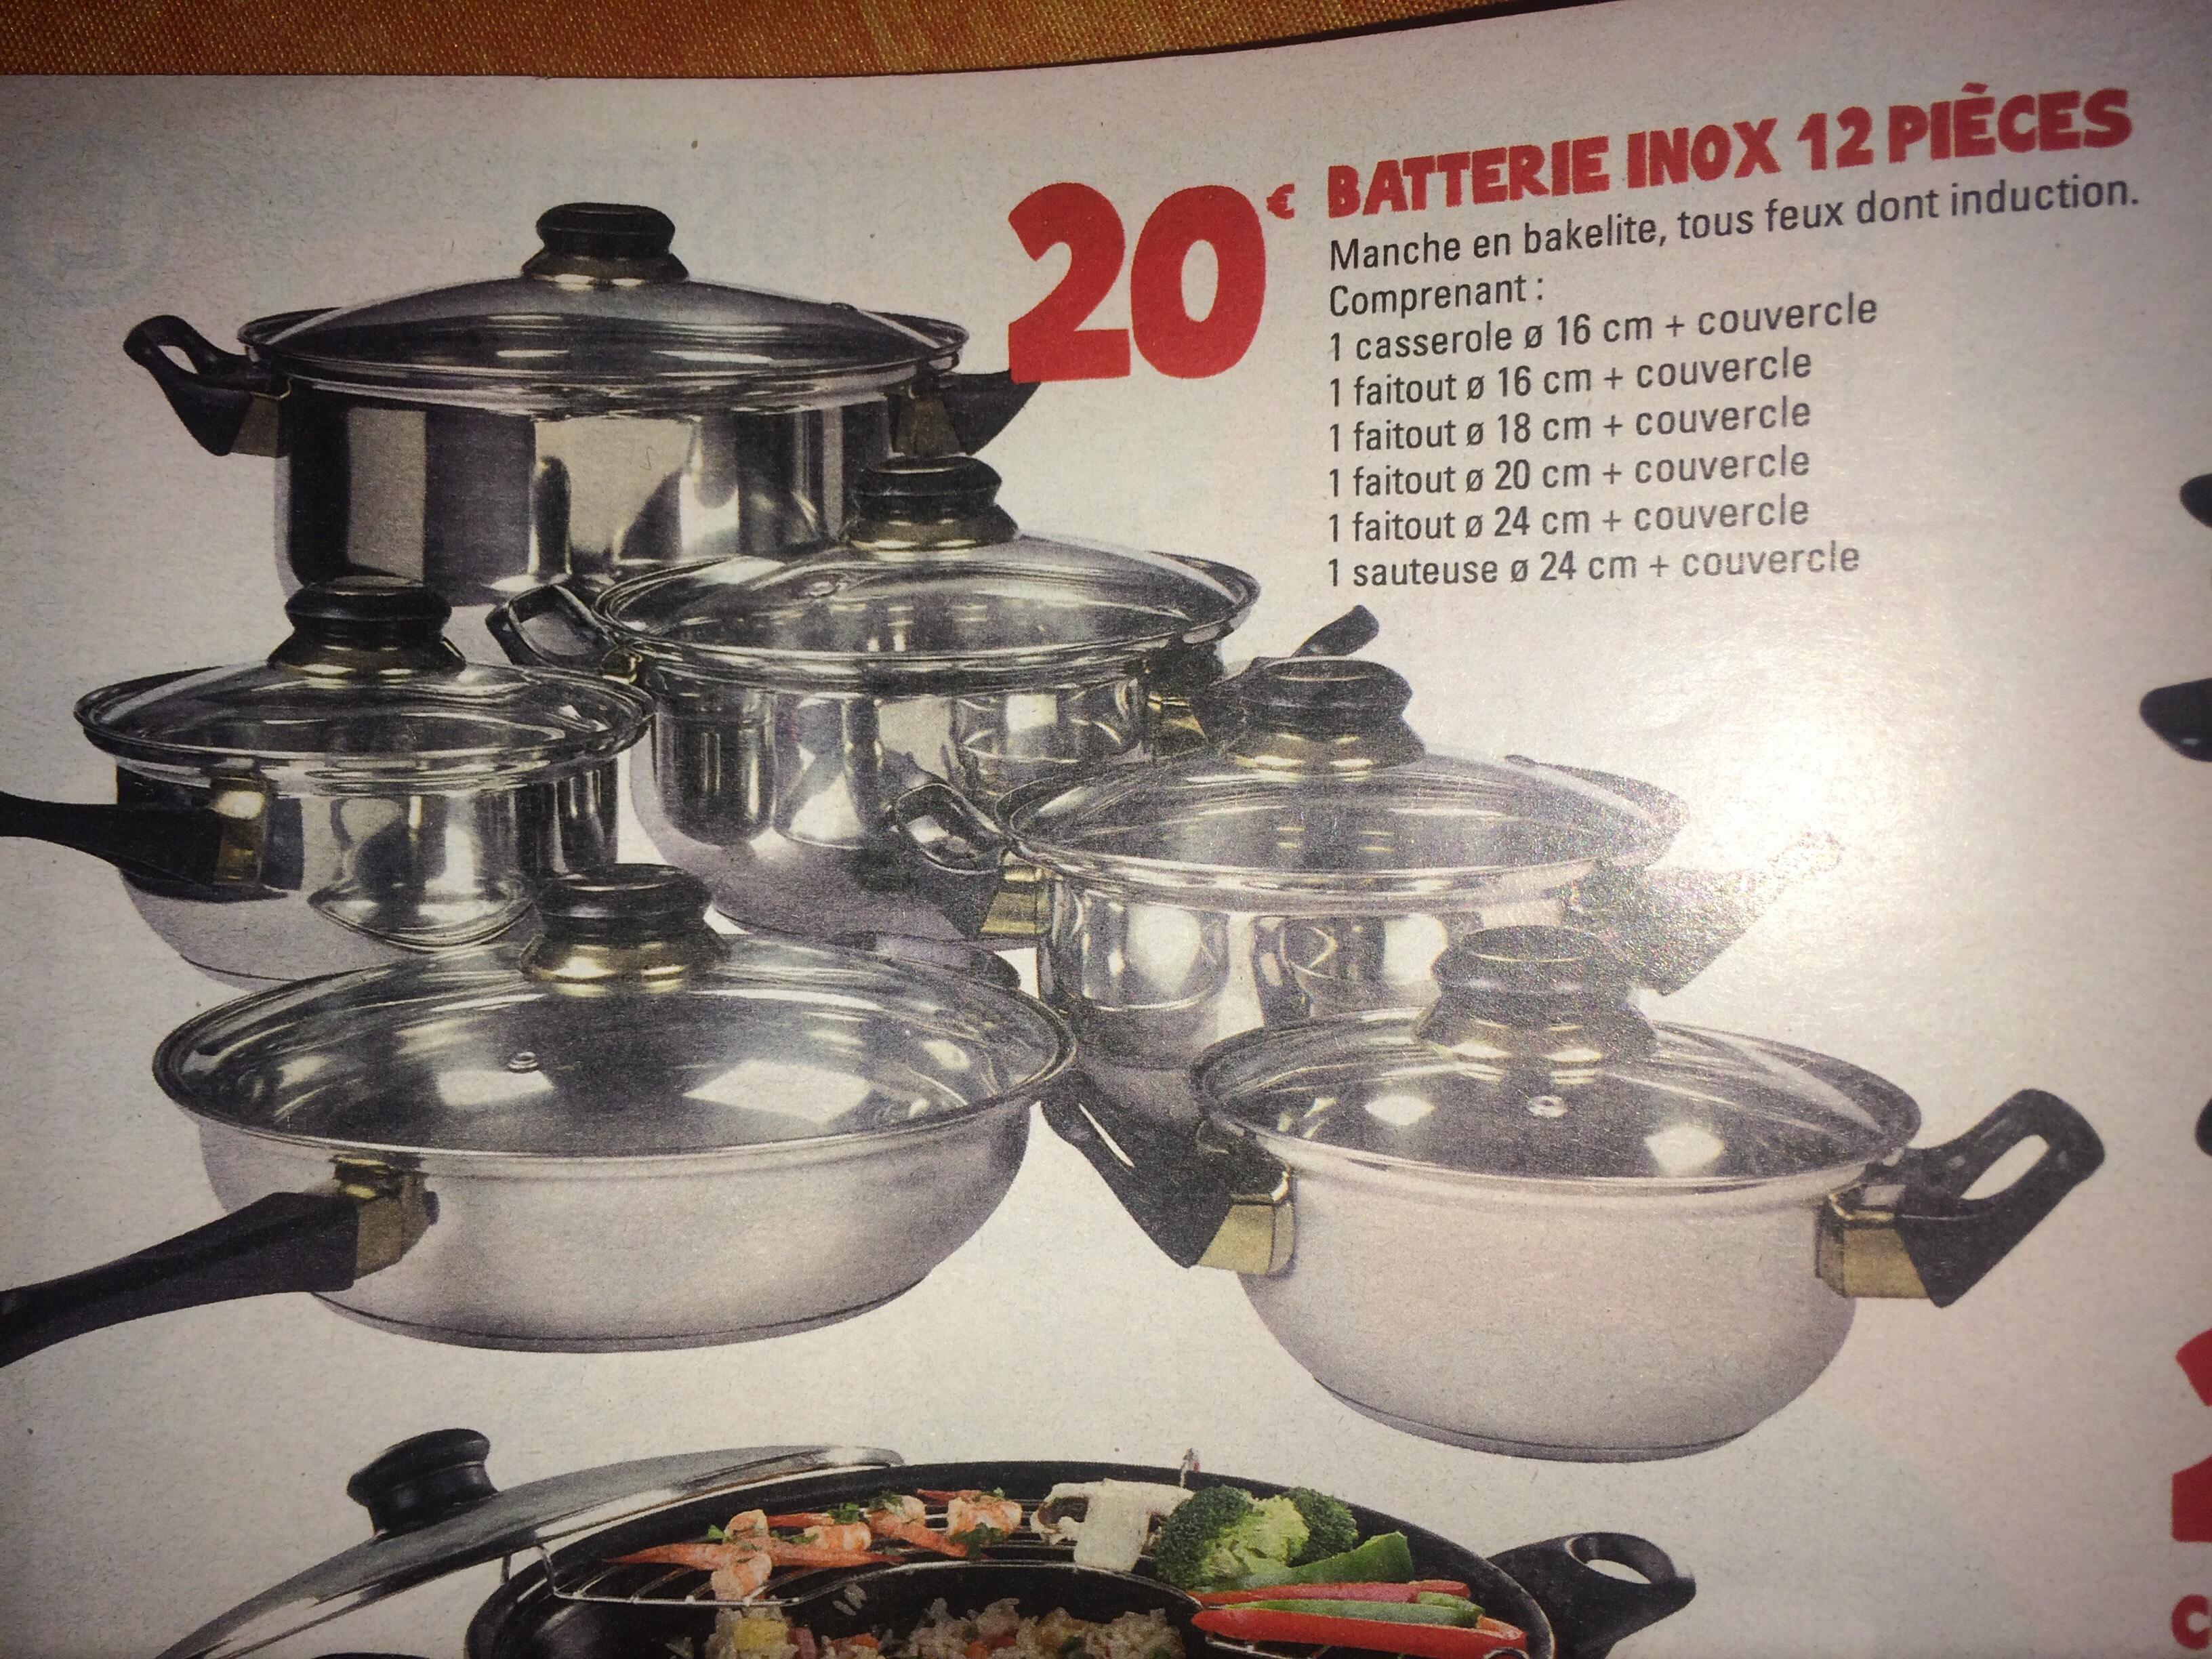 Batterie de cuisine en inox 12 pi ces - Batterie de cuisine induction inox ...